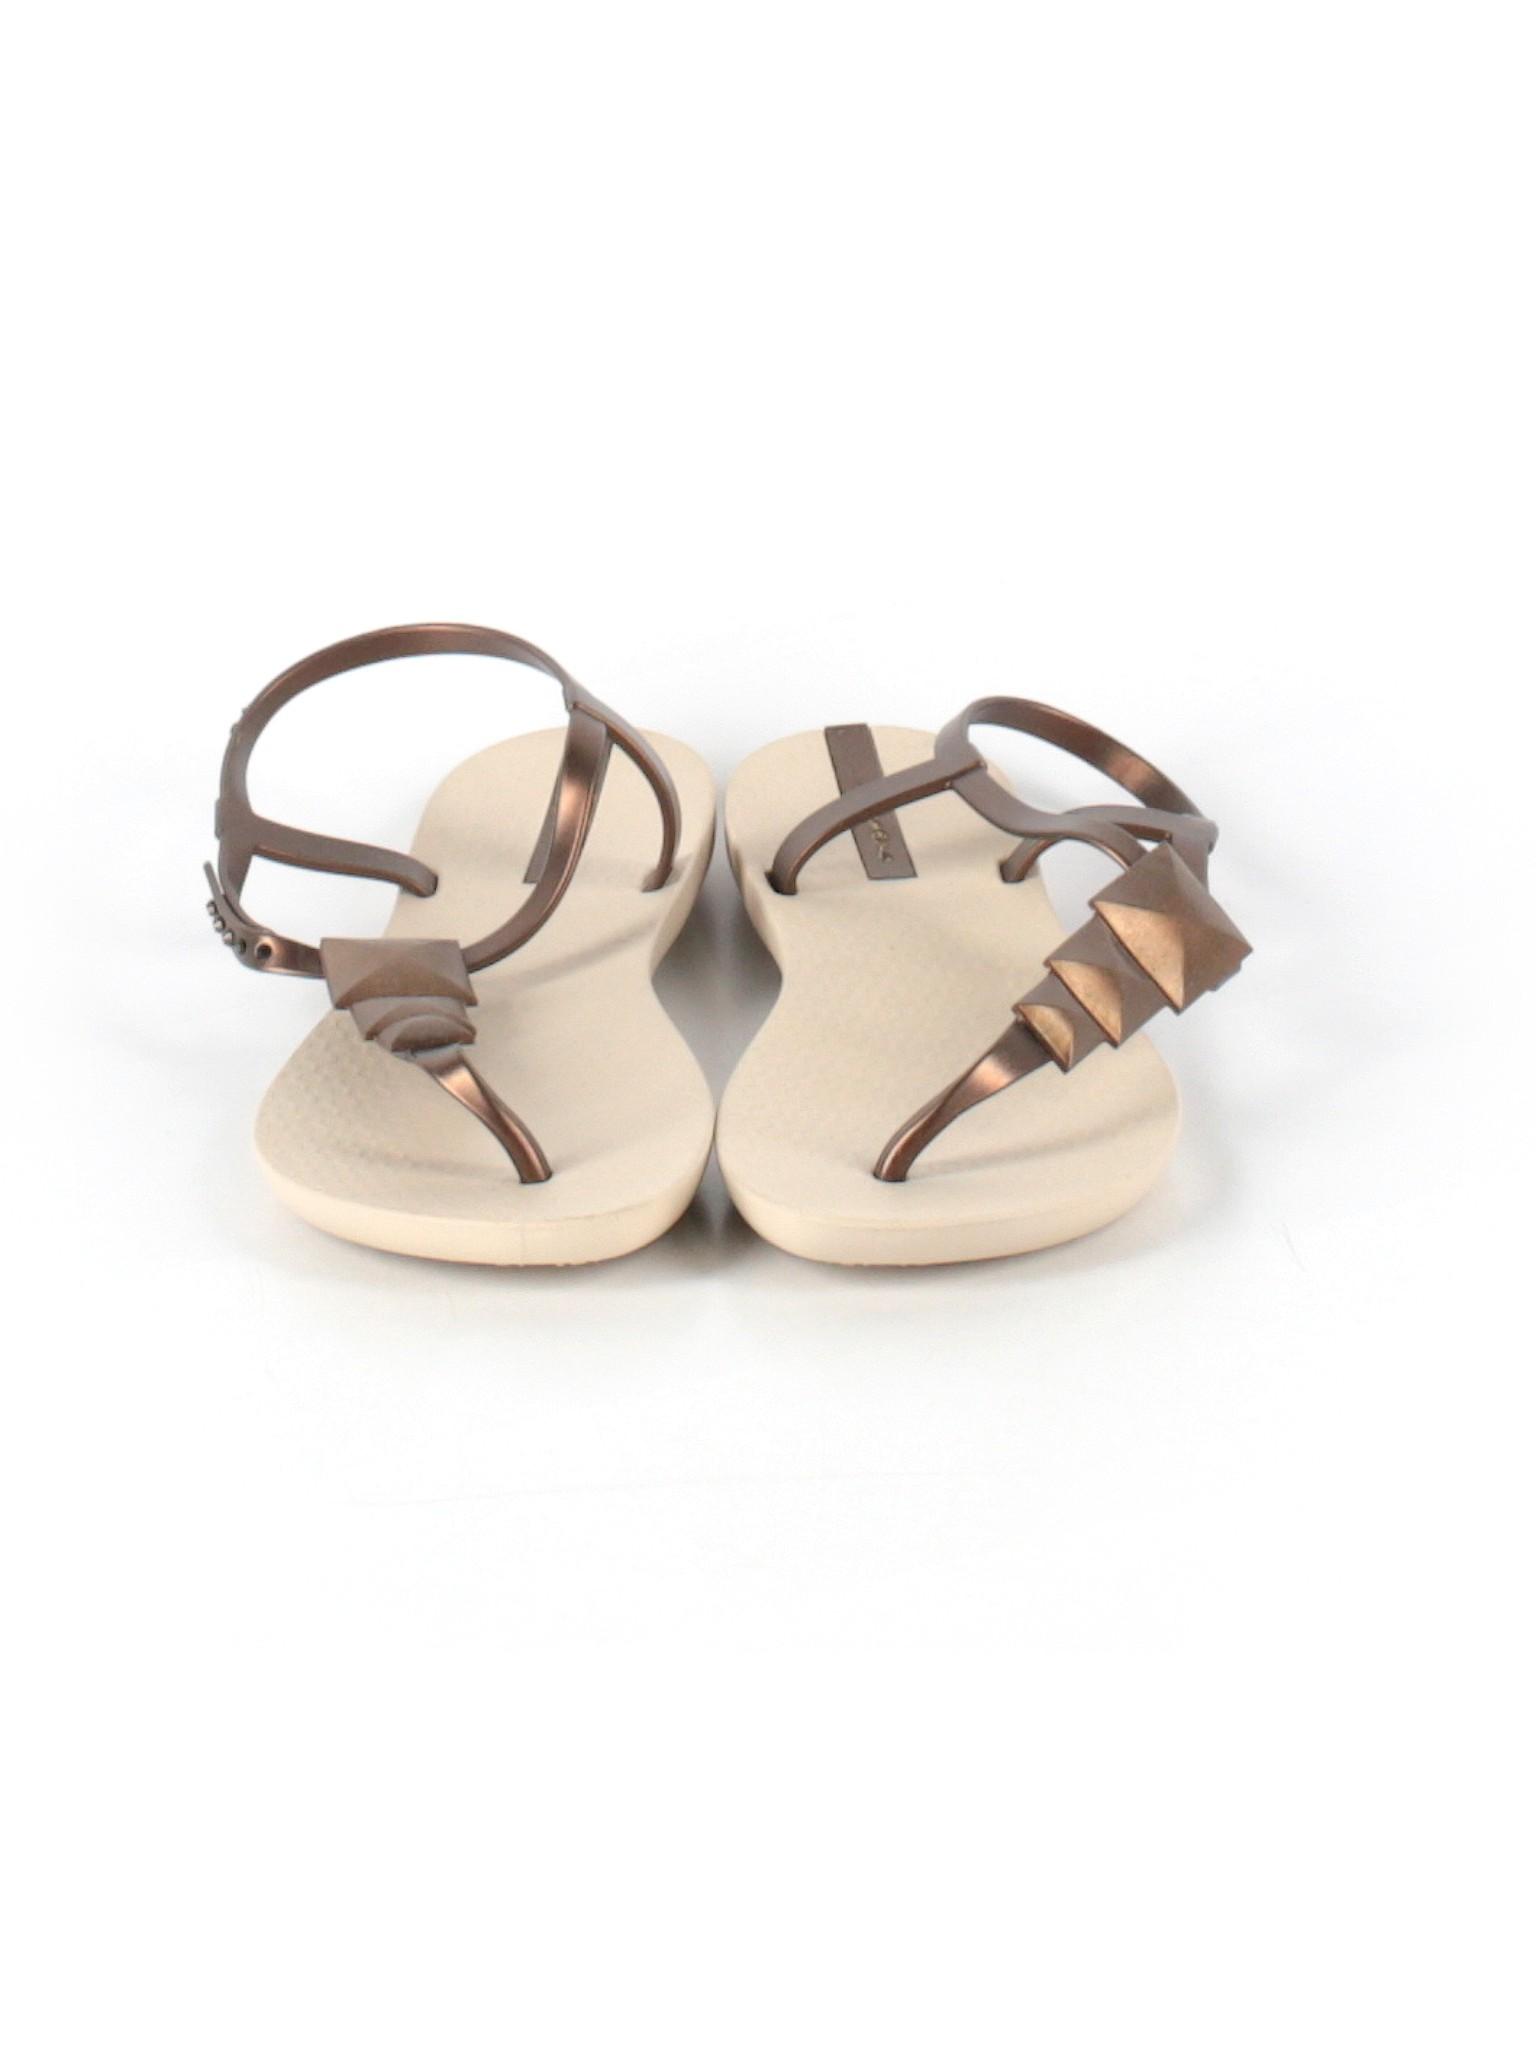 Boutique Boutique Boutique promotion IPanema promotion IPanema Sandals promotion IPanema Sandals Sandals Boutique promotion xg8Uqfnpww